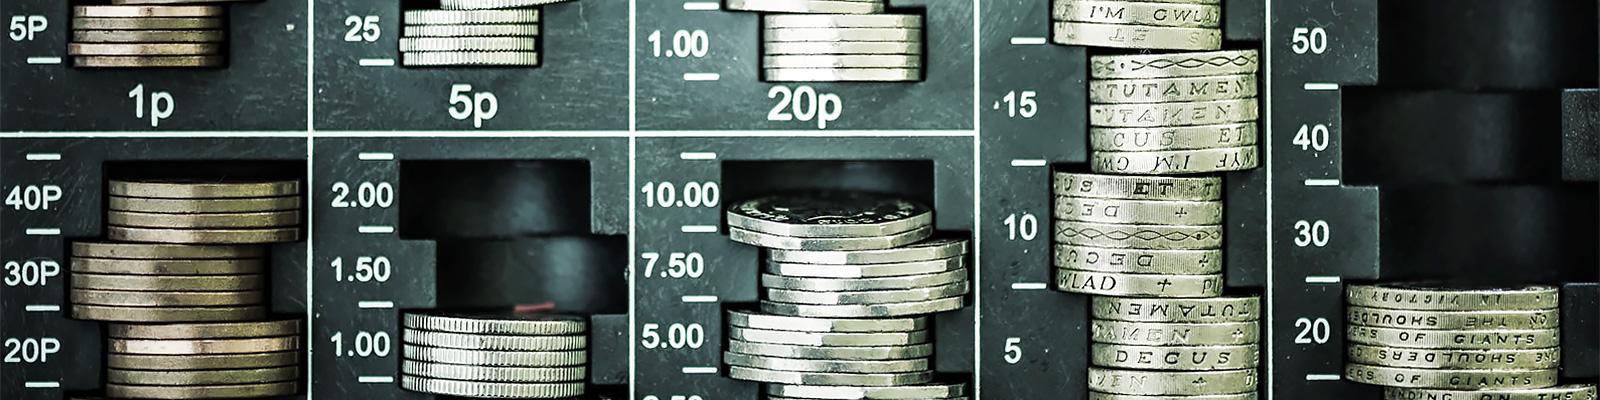 経済格差 イメージ